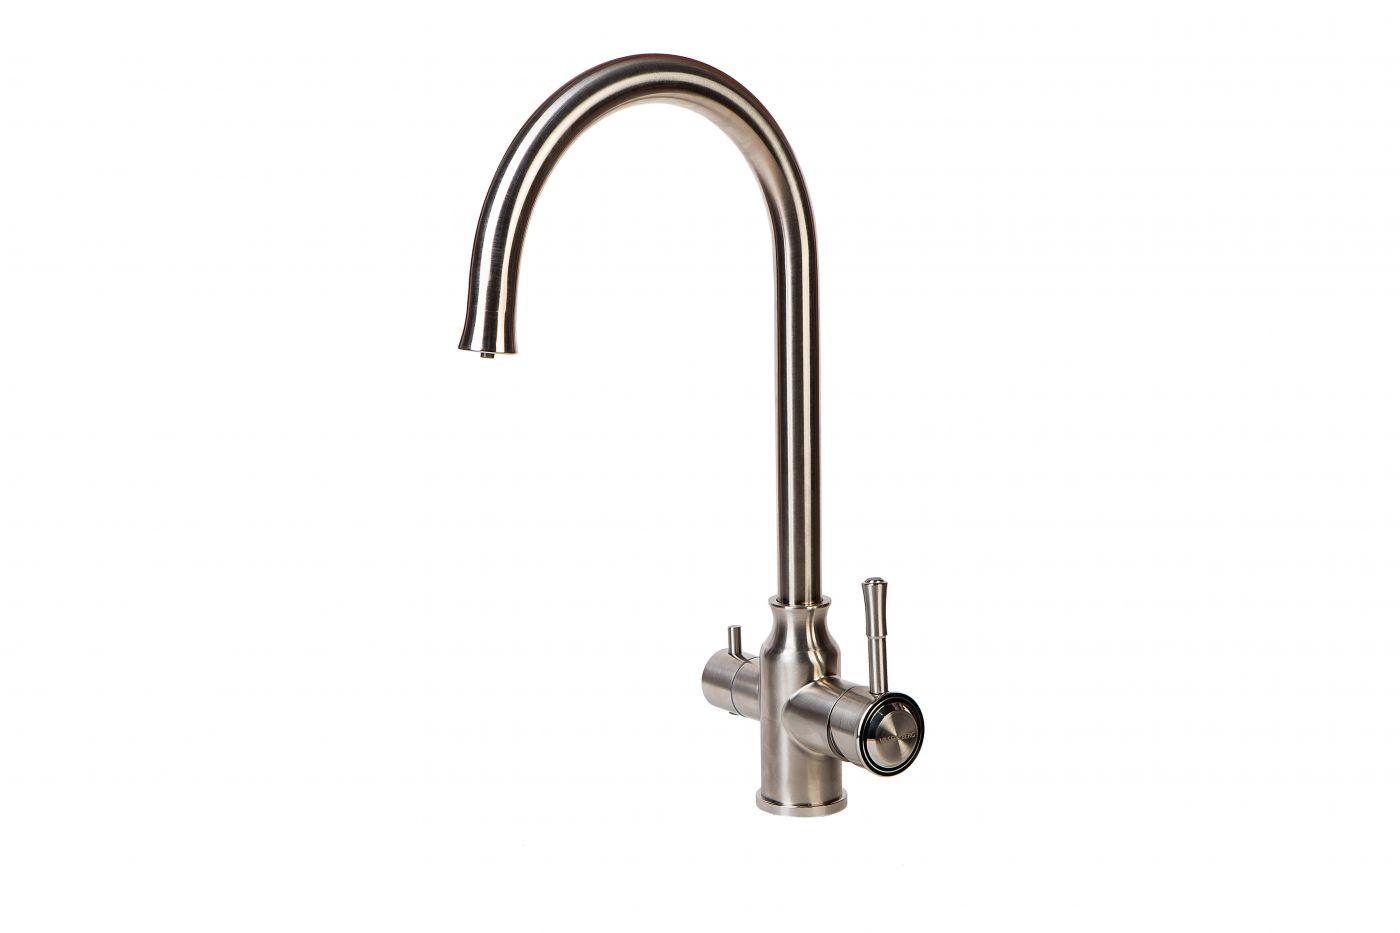 Vaserzberg SUS-1763 New Смеситель для кухни с подключением фильтра